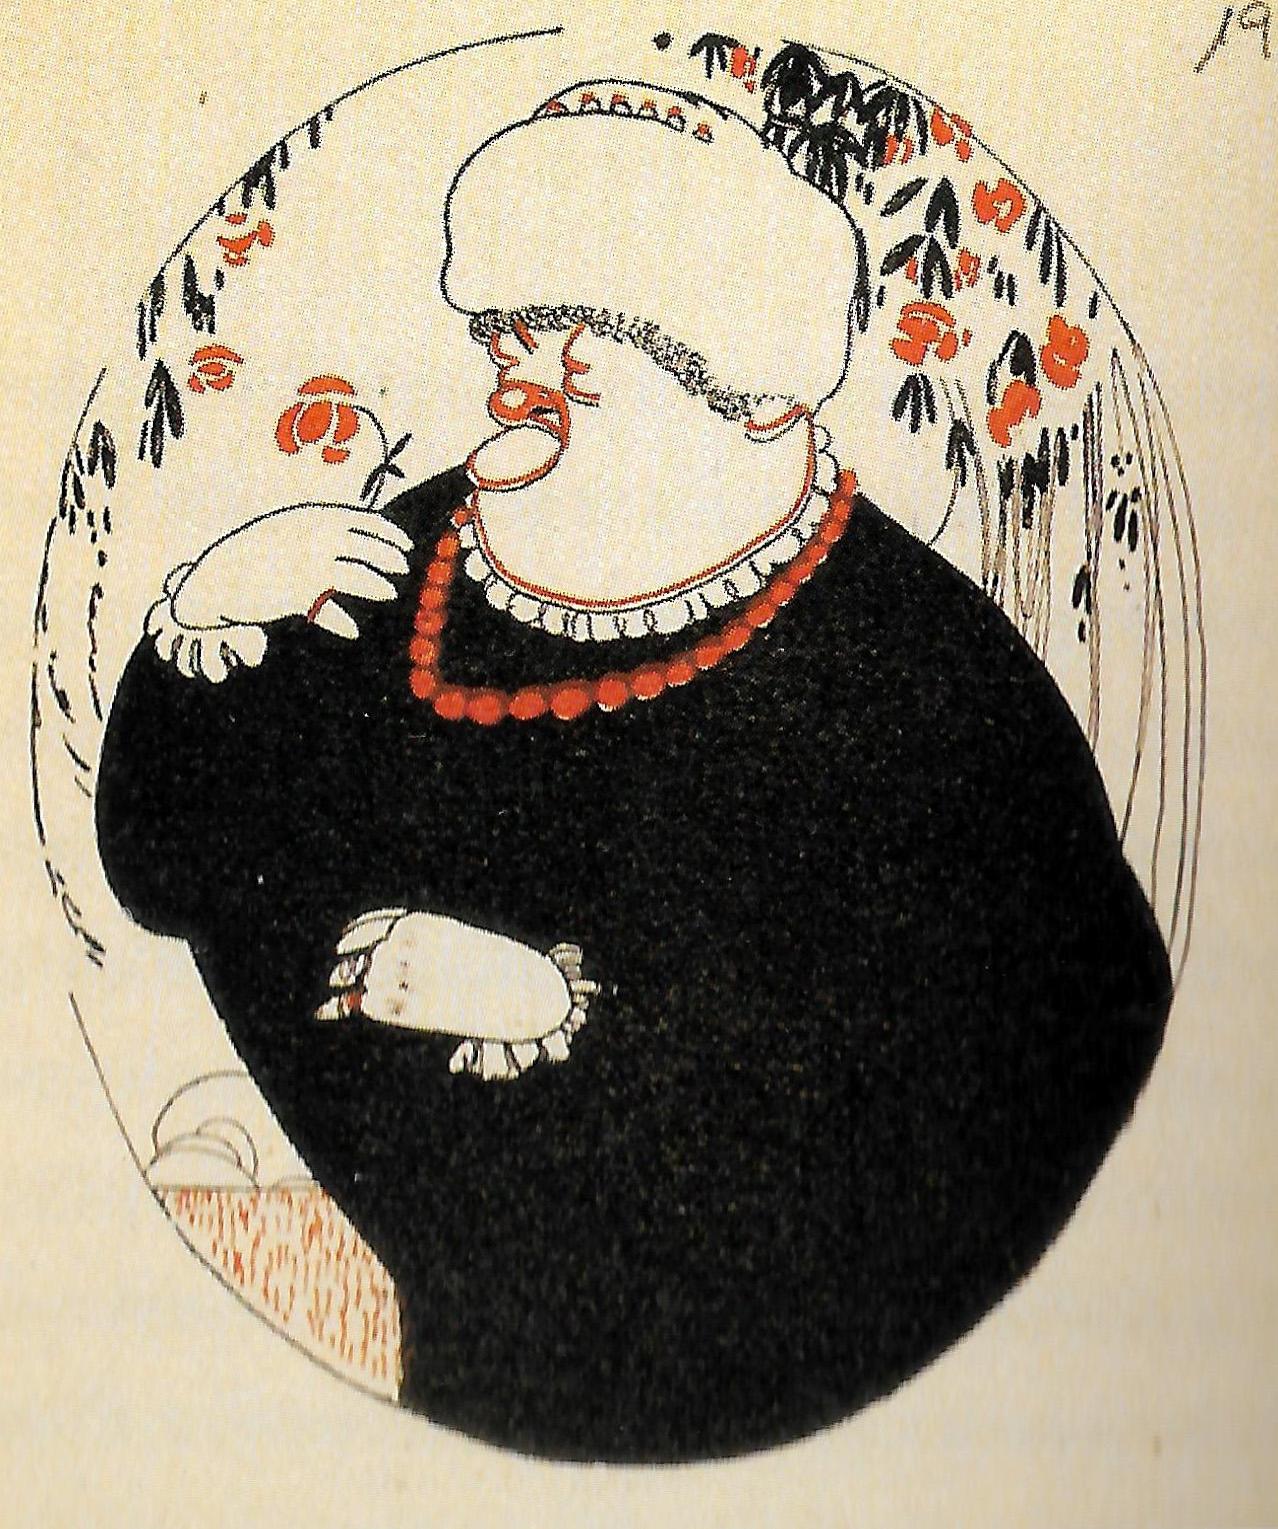 I.Burdiel -Emilia Pardo Bazán, caricatura de Luis Bagaria, ca. 1915 (1).jpg